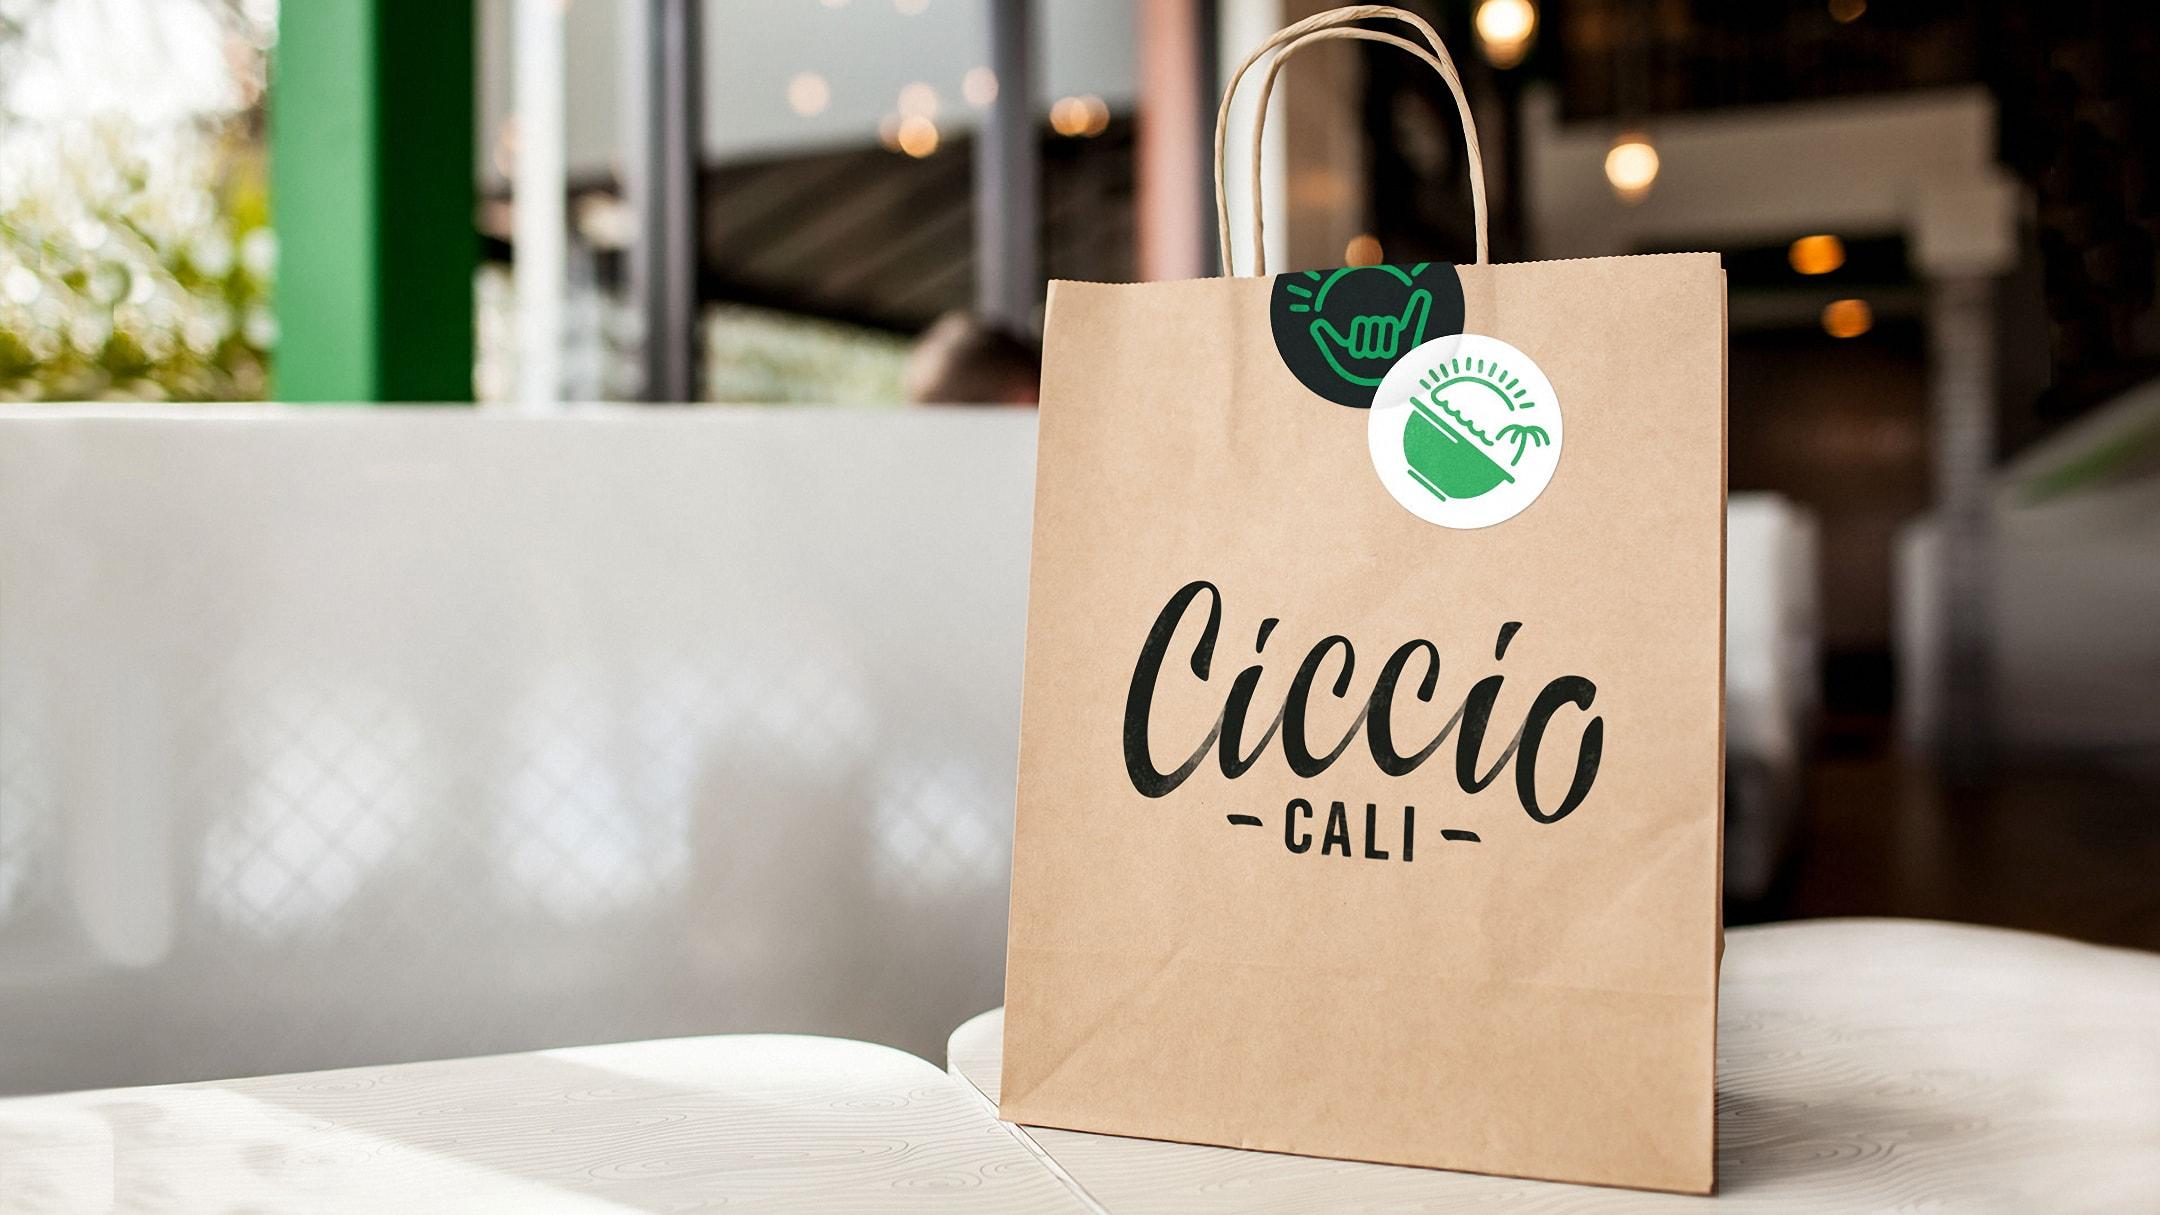 Ciccio Cali retail bag